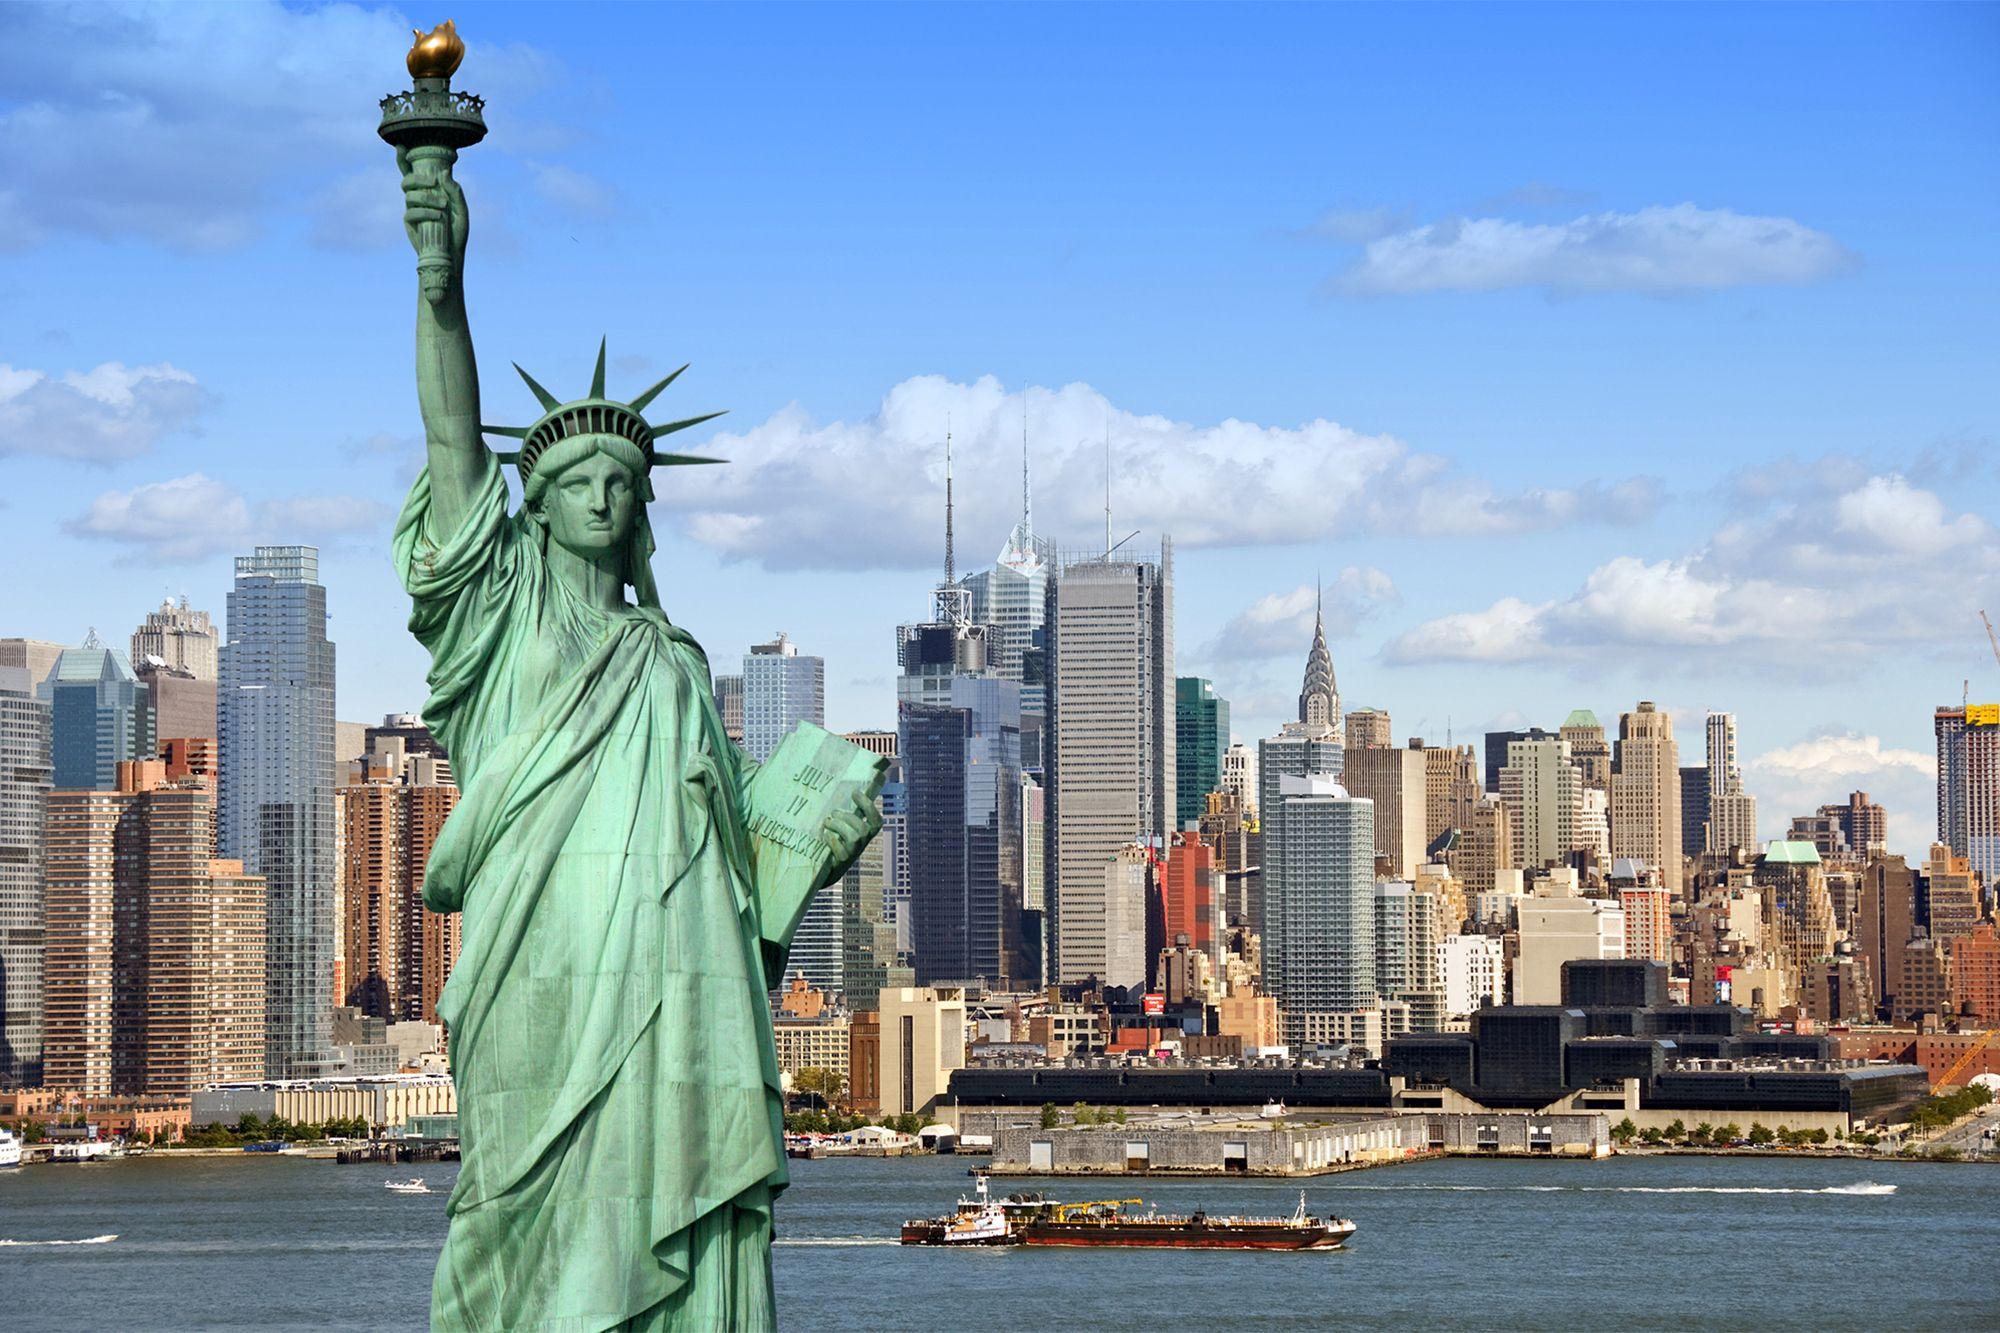 ny -liberty statue